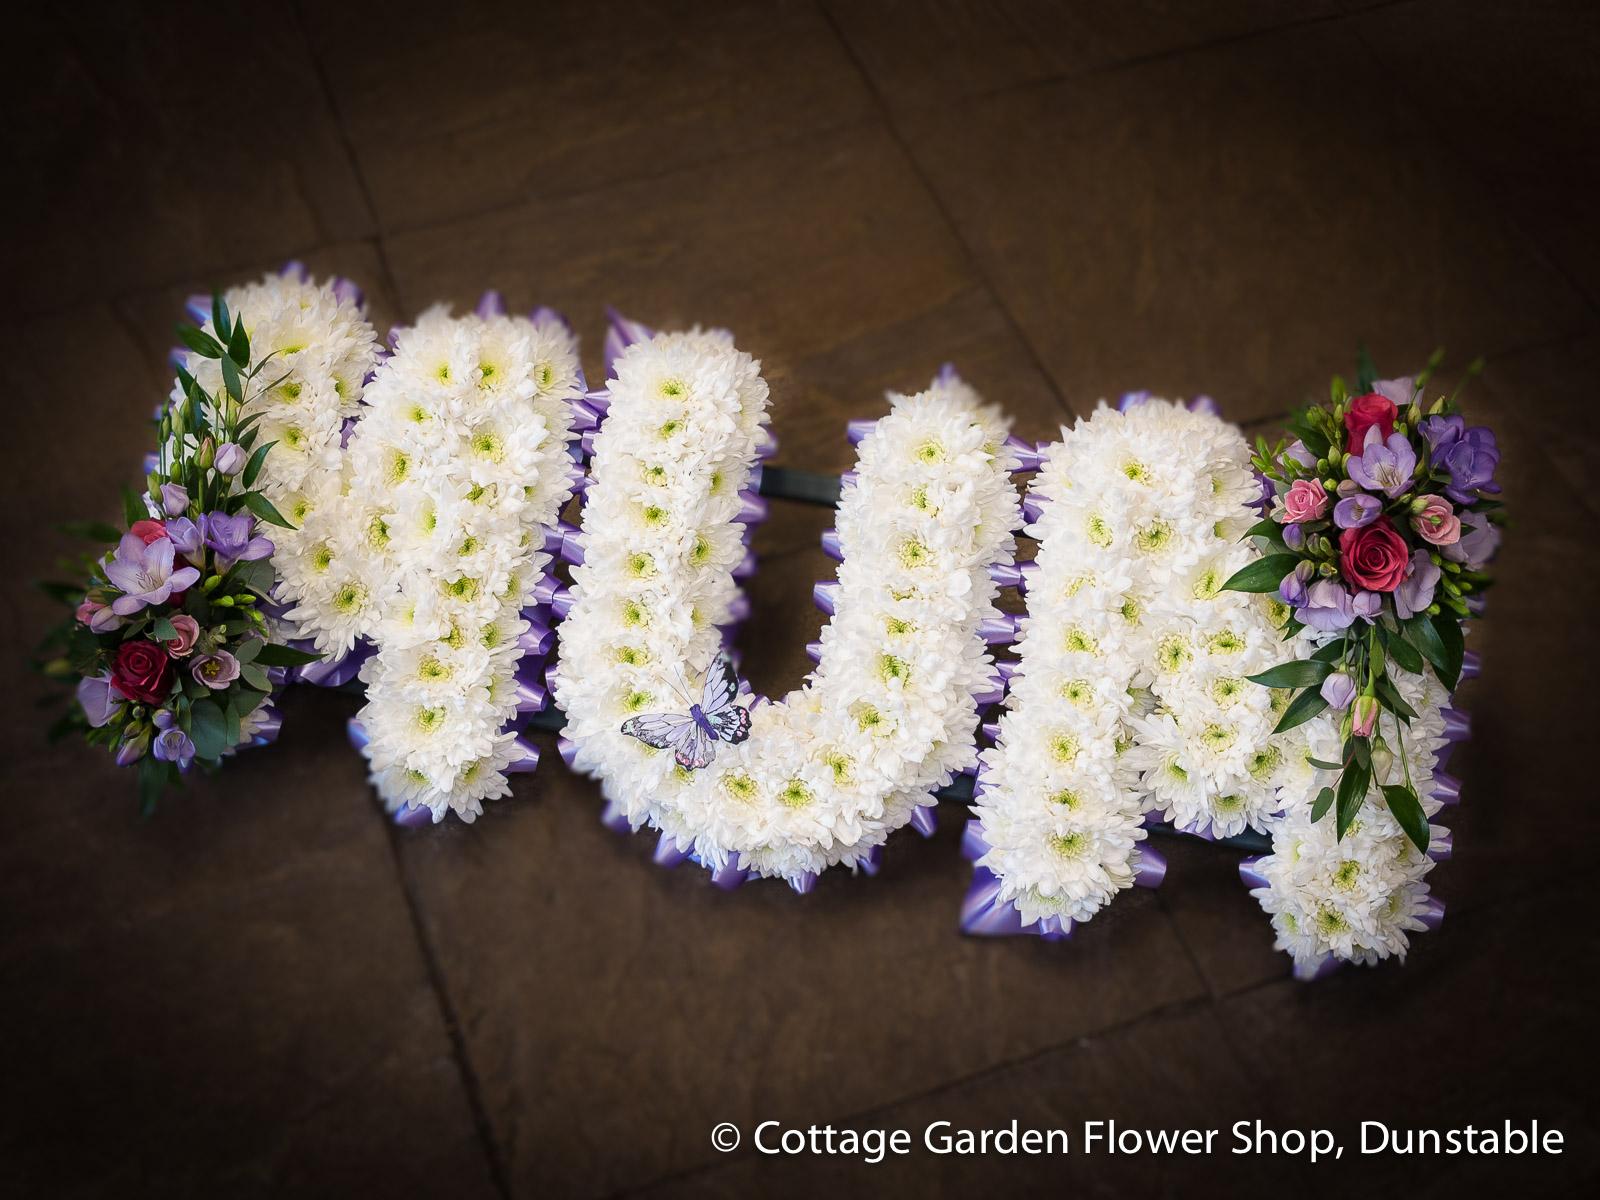 Mum Tribute The Cottage Garden Flower Shop Dunstables Original